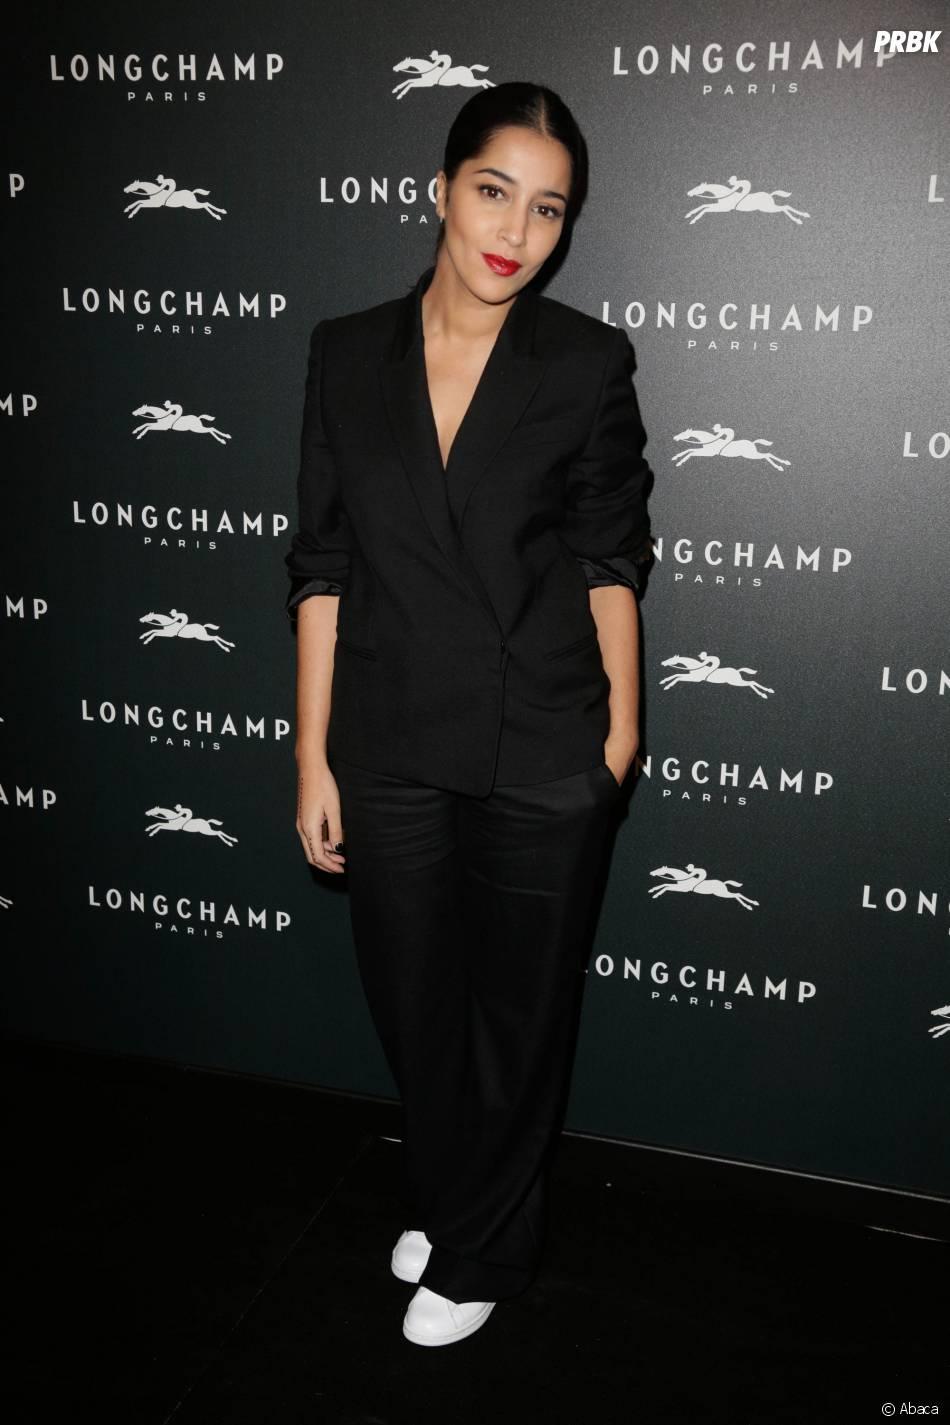 Leila Bekhti à l'ouverture de la boutique Longchamp sur les Champs Elysées à Paris, le 4 décembre 2014